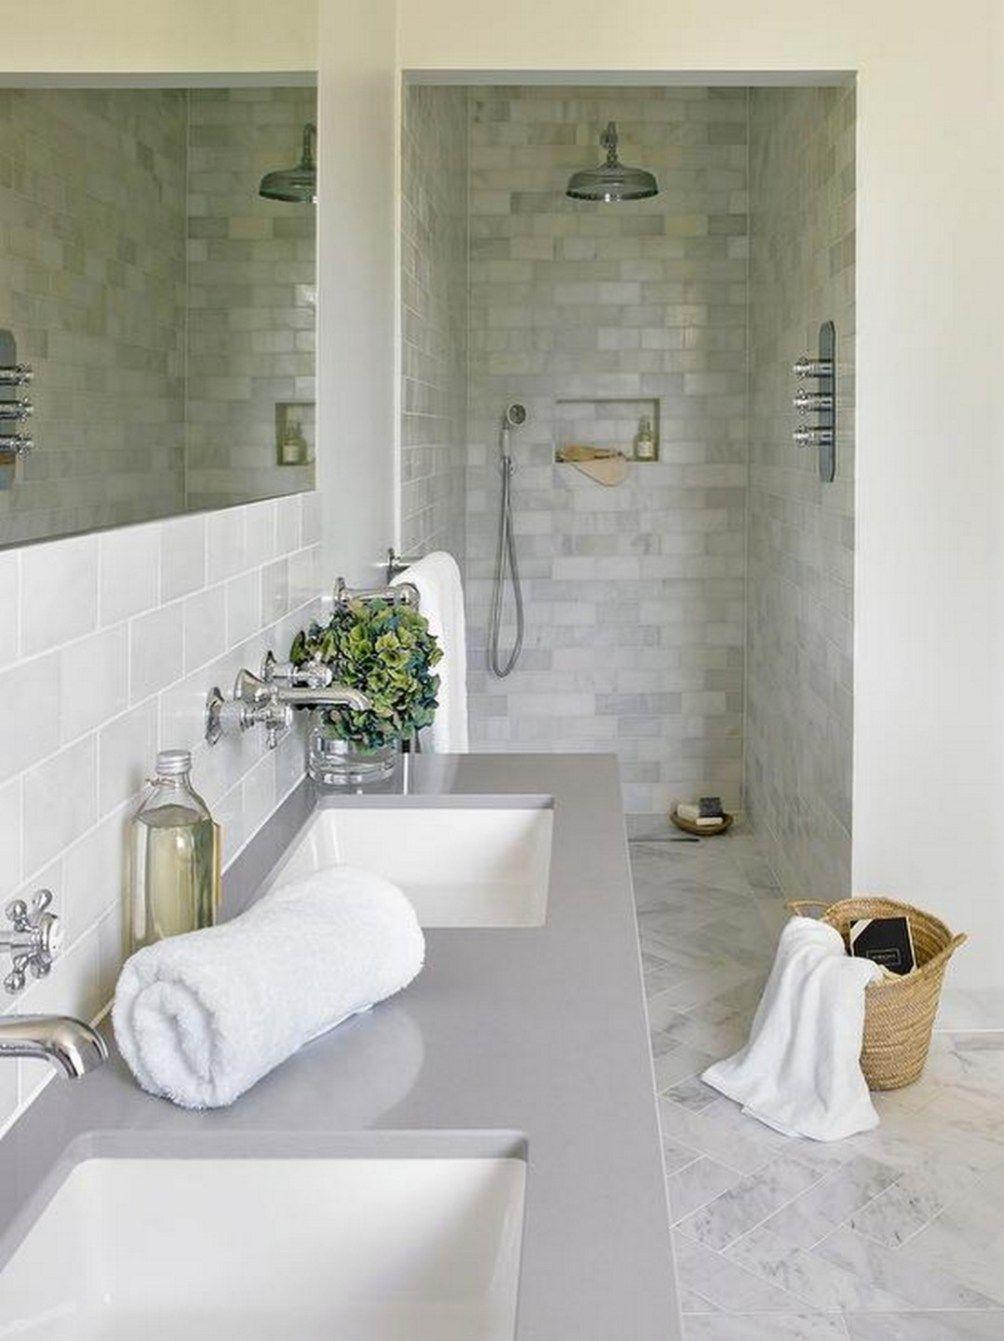 99 New Trends Bathroom Tile Design Inspiration 2017 29: 99 New Trends Bathroom Tile Design Inspiration 2017 (25